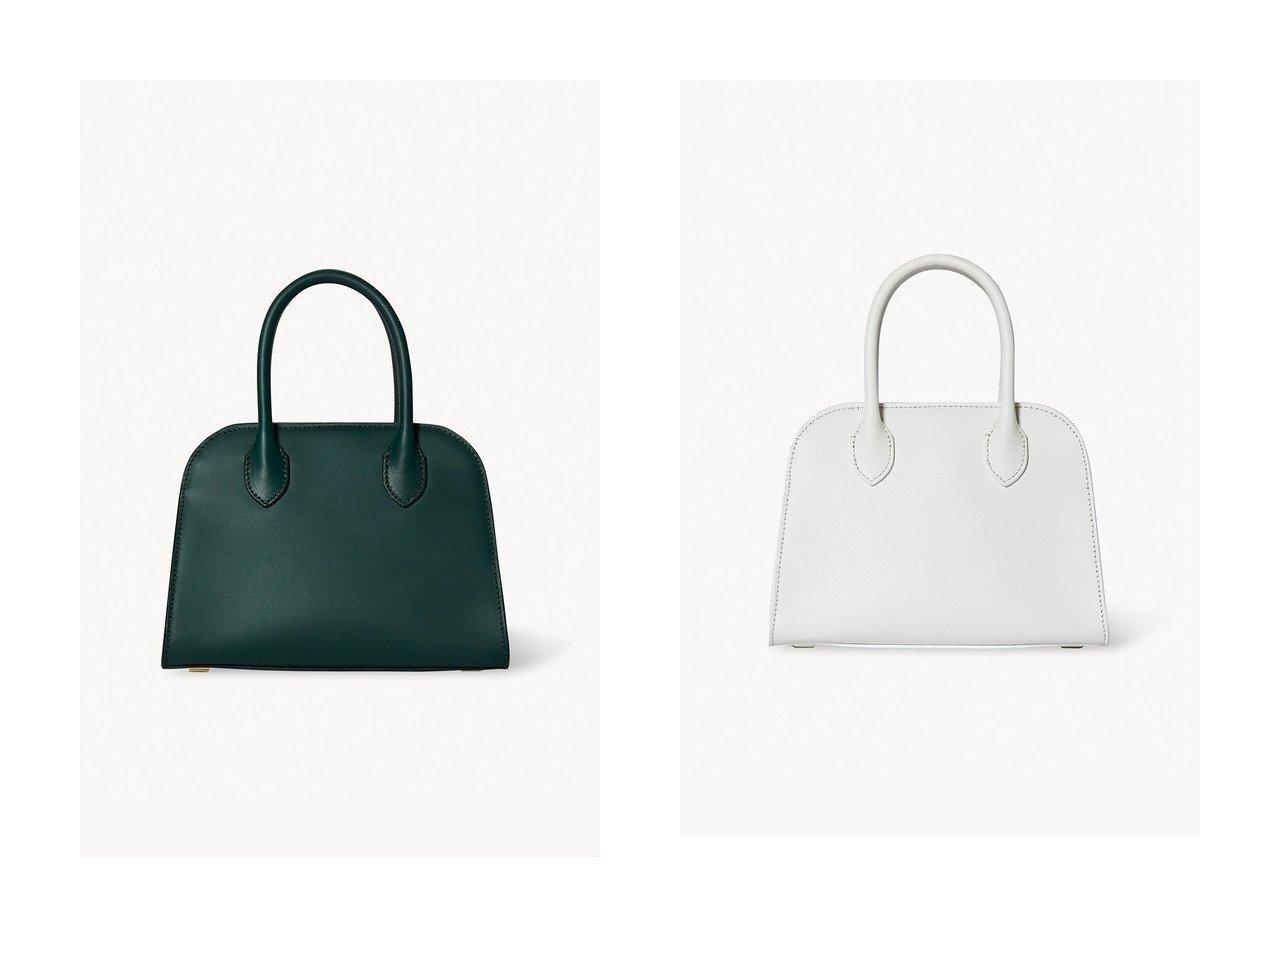 【THE ROW/ザ ロウ】のMARGAUX 7.5 ハンドバッグ 【バッグ・鞄】おすすめ!人気、トレンド・レディースファッションの通販 おすすめで人気の流行・トレンド、ファッションの通販商品 インテリア・家具・メンズファッション・キッズファッション・レディースファッション・服の通販 founy(ファニー) https://founy.com/ ファッション Fashion レディースファッション WOMEN バッグ Bag ハンドバッグ |ID:crp329100000044109